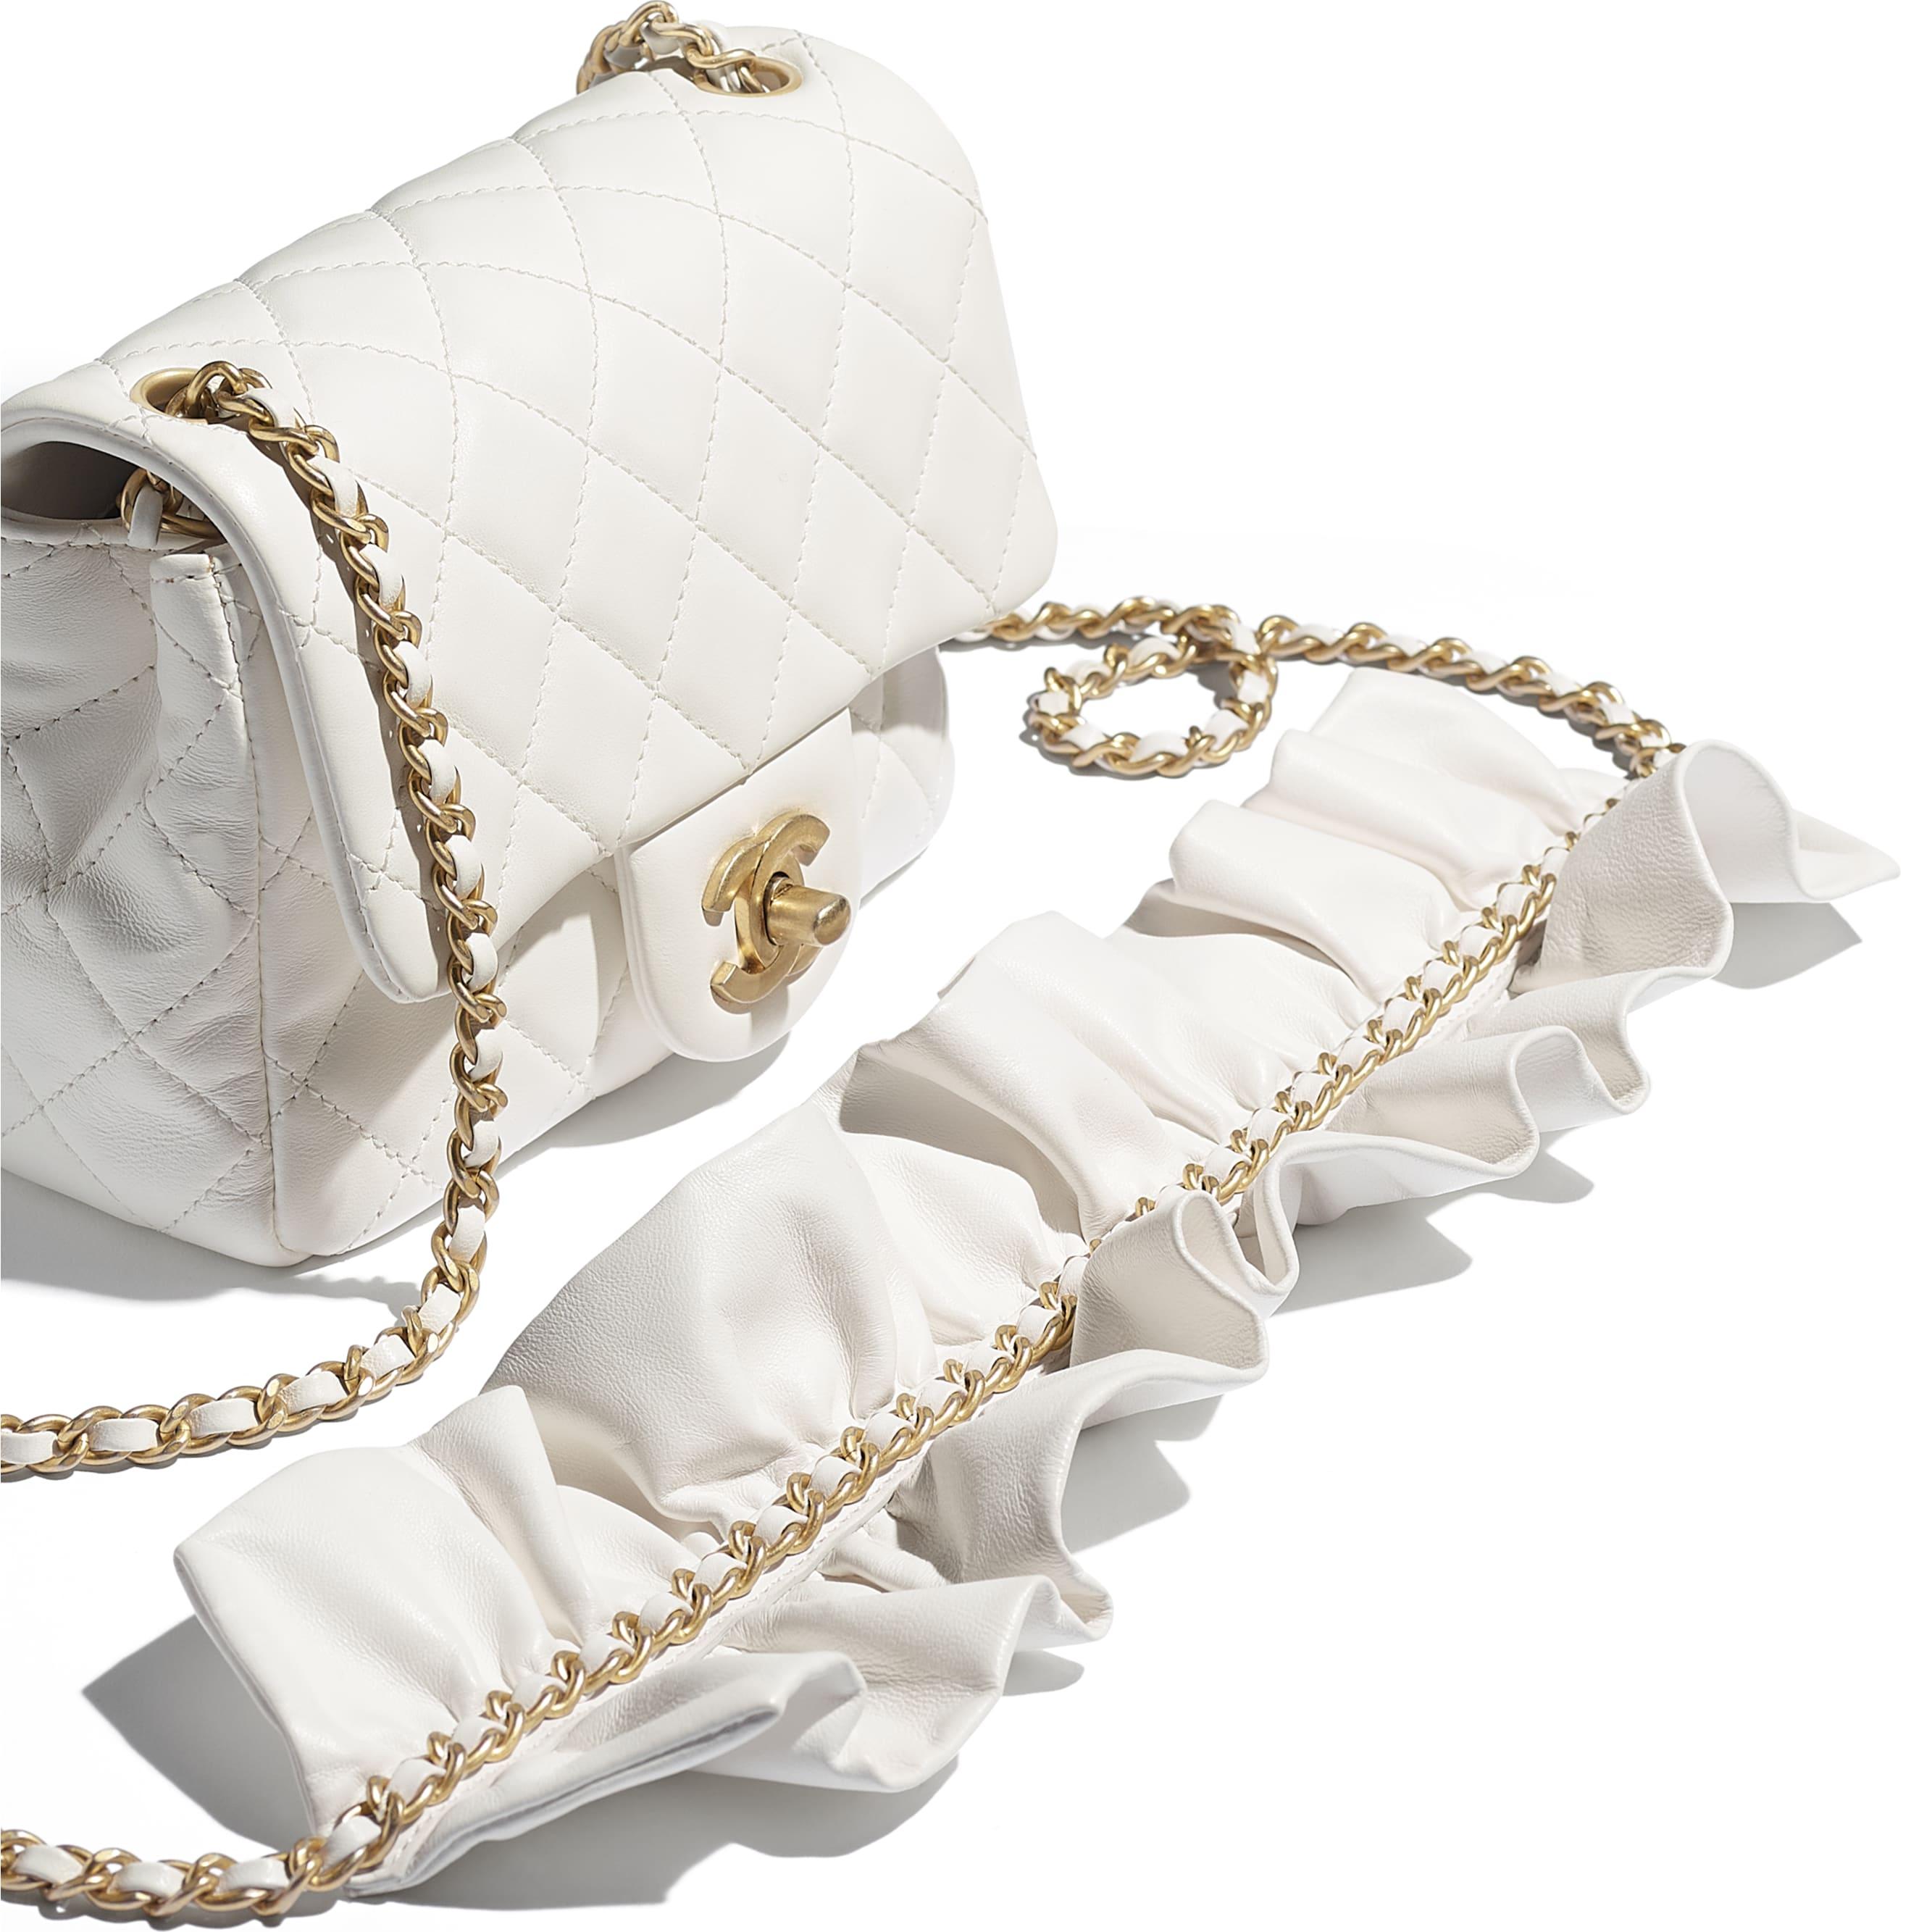 細號垂蓋手袋 - 白色 - 小羊皮及金色金屬 - CHANEL - 額外視圖 - 查看標準尺寸版本